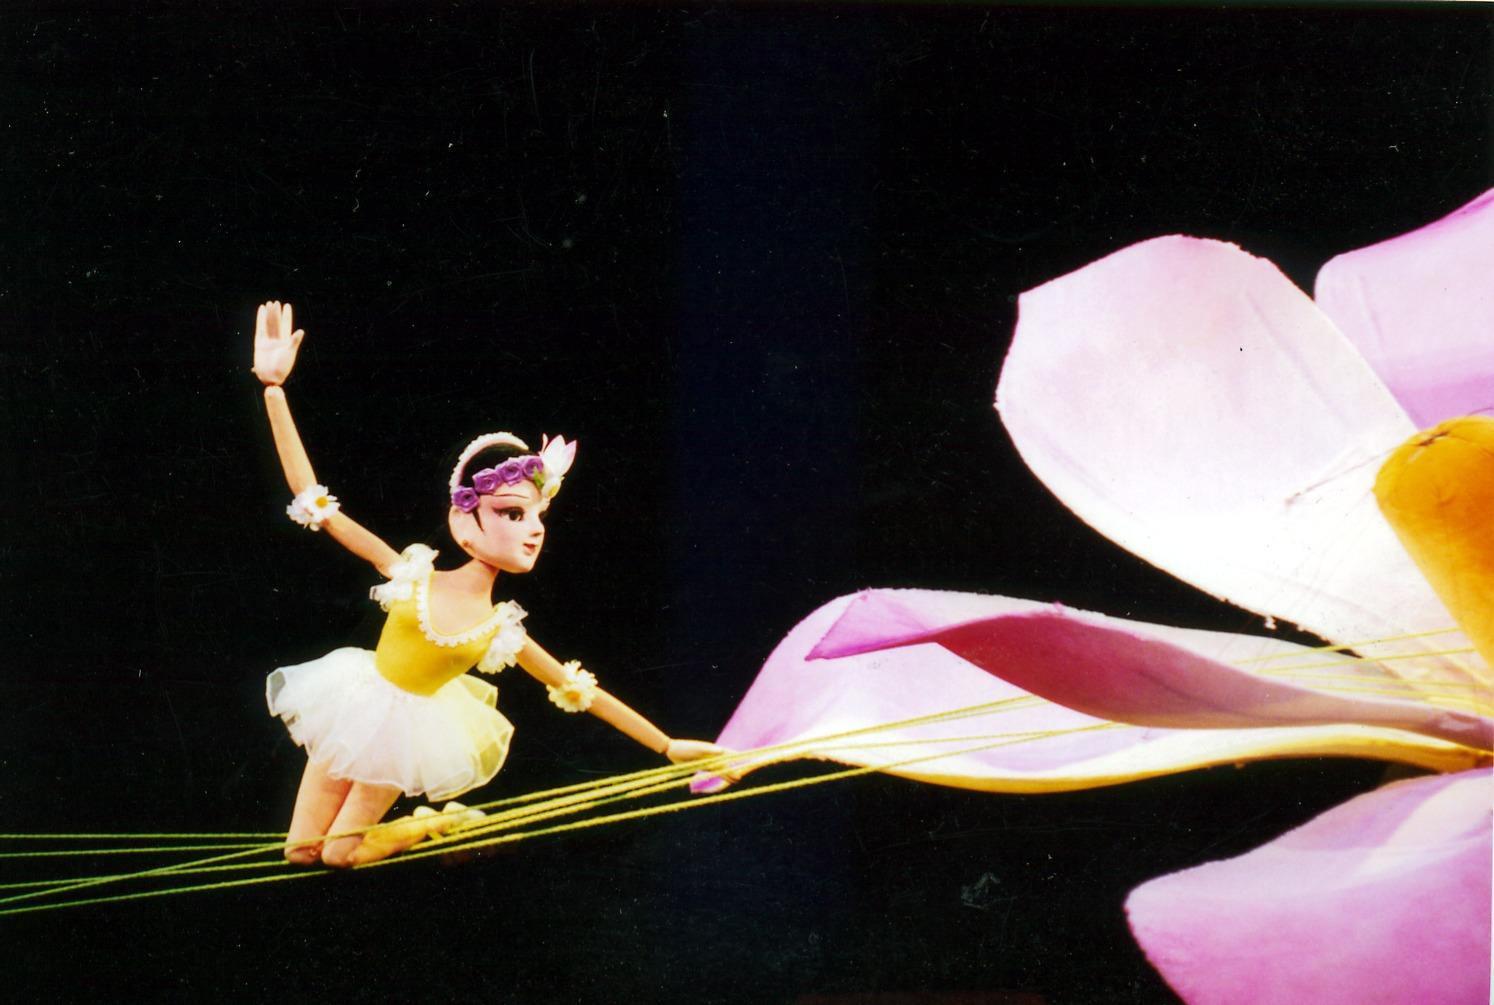 <em>Les désirs de printemps</em> (春的畅想, 1999) par Shanghai Muoutuan (District de Huangpu, Shanghai, République populaire de Chine), mise en scène : He Xiaoxing, scénographieet fabrication : Xu Jin, marionnettistes : Zheng Huliu, Dong Yongjian, Zheng Liming. Marionnettes à tiges, hauteur : 70-100 cm. Photo: Hu Zhiqiang